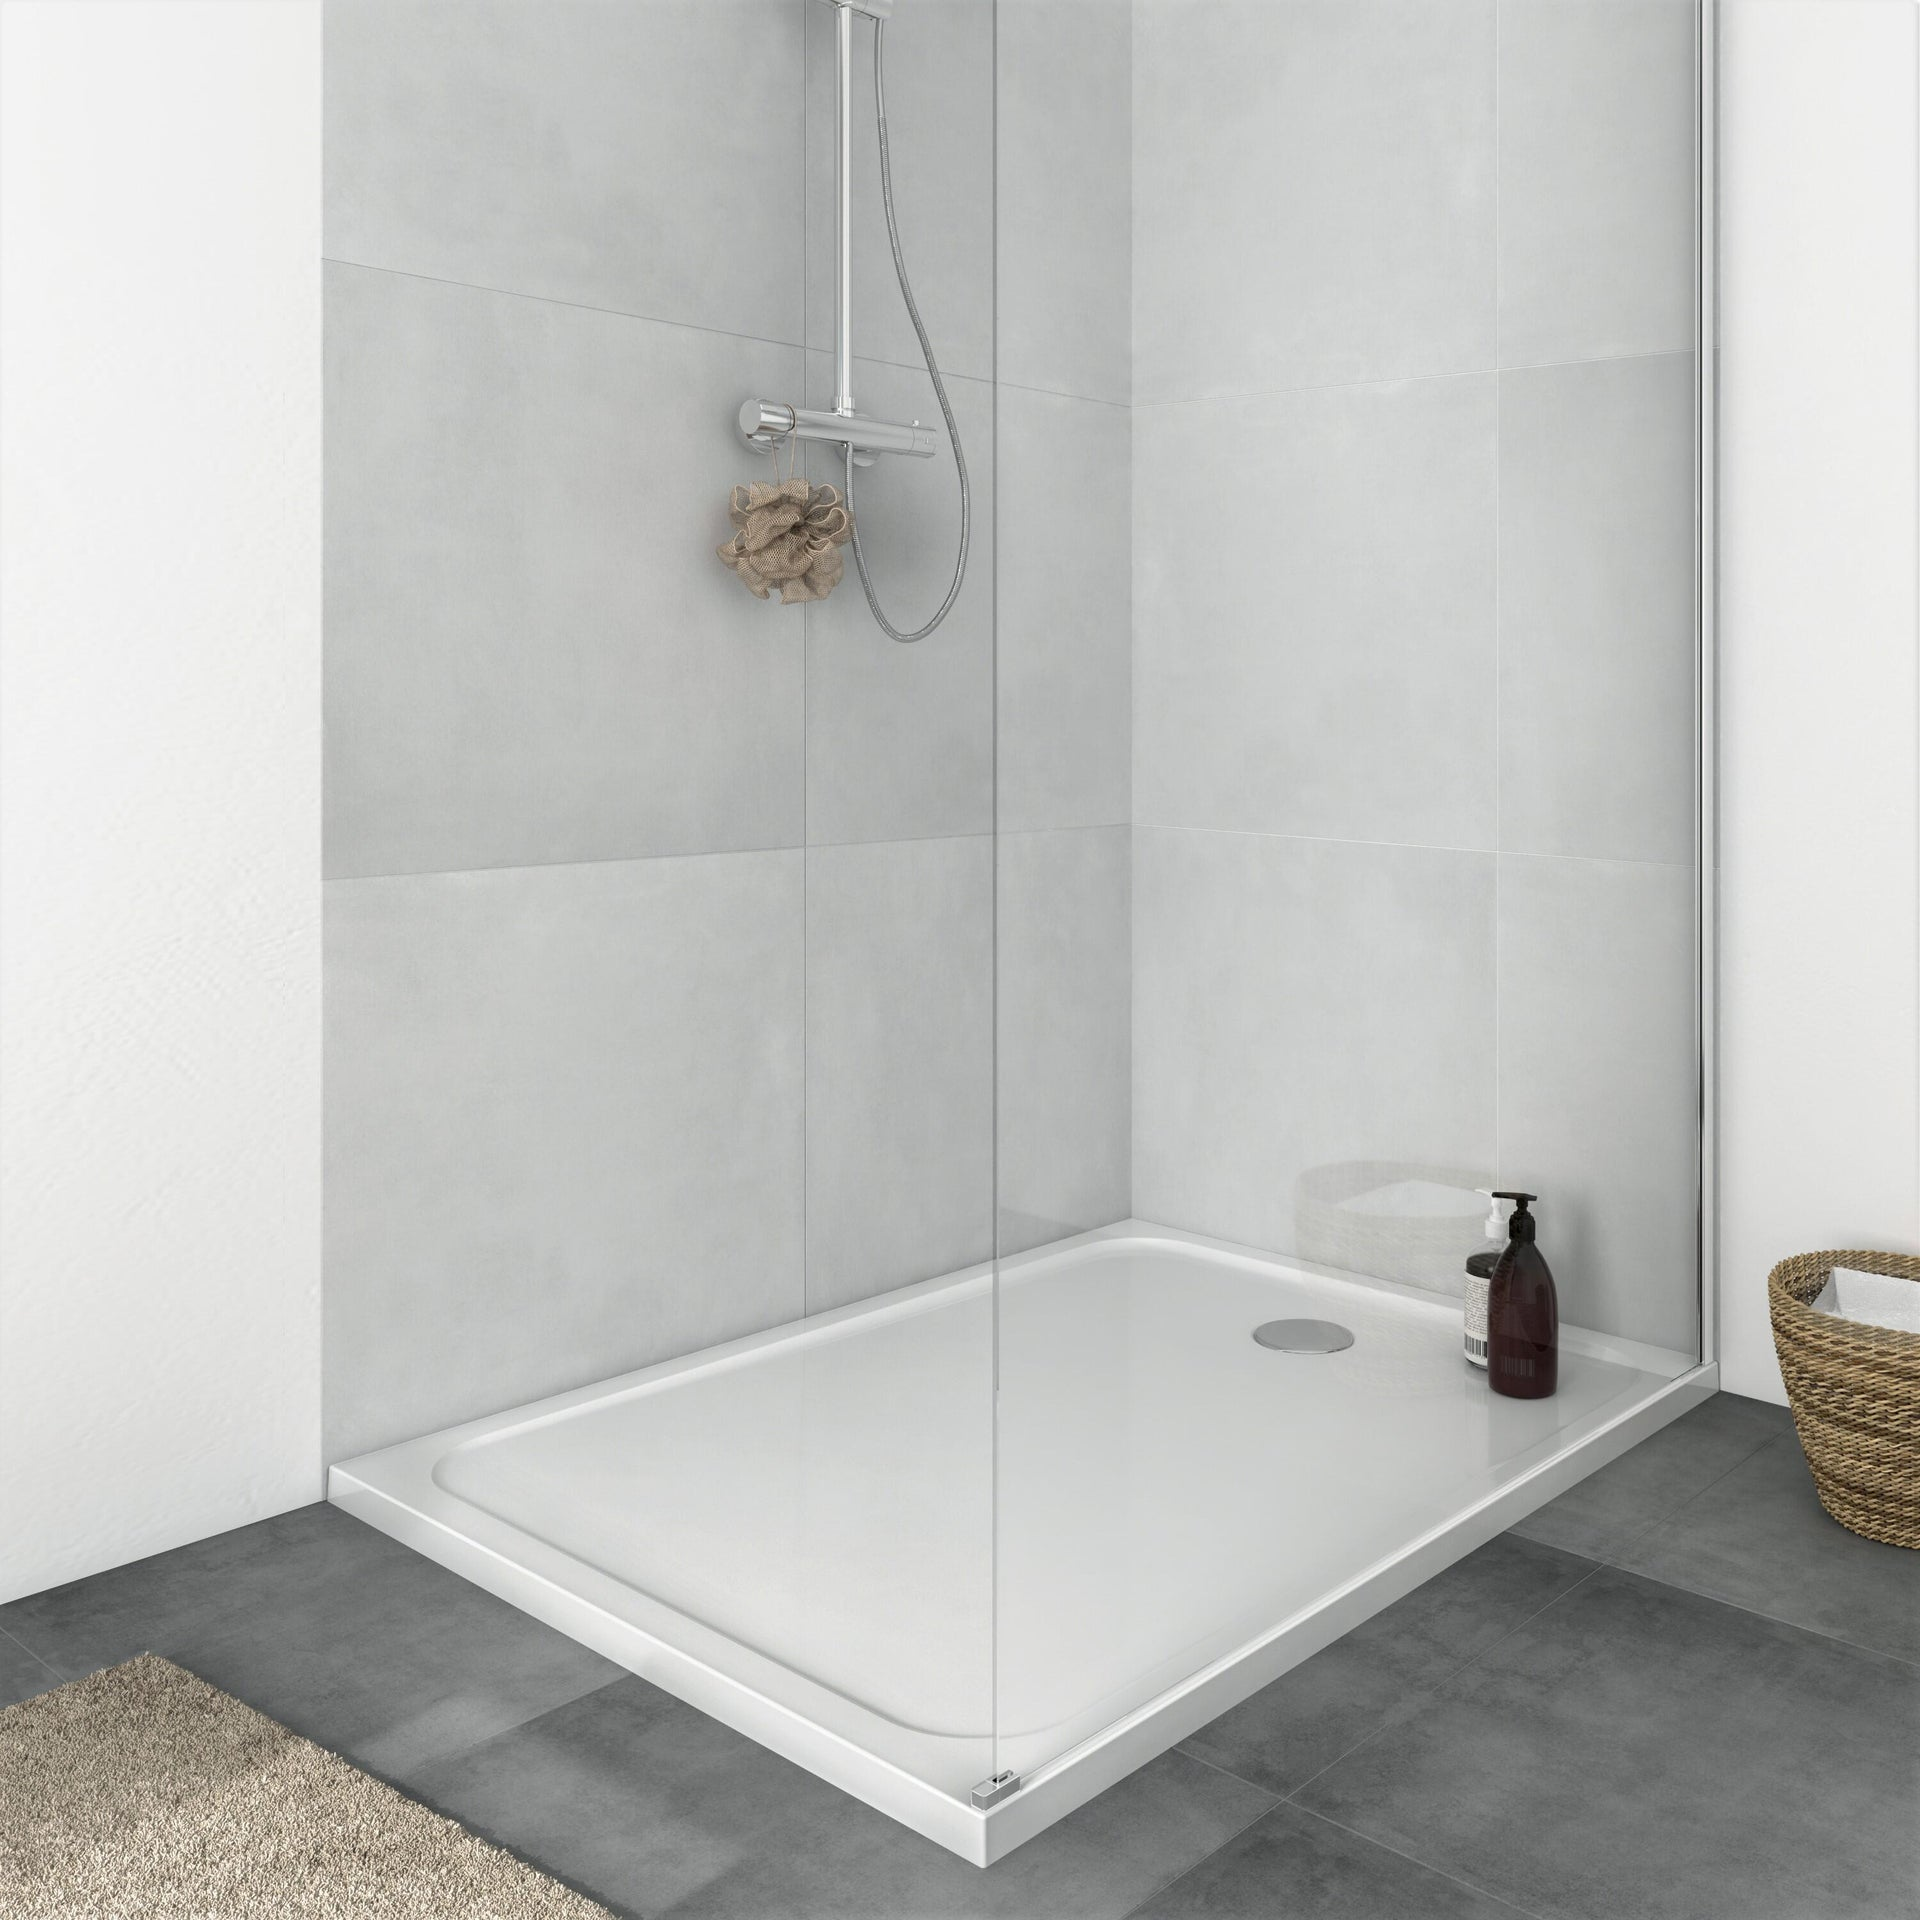 Piatto doccia resina sintetica e polvere di marmo Easy 80 x 120 cm bianco - 18